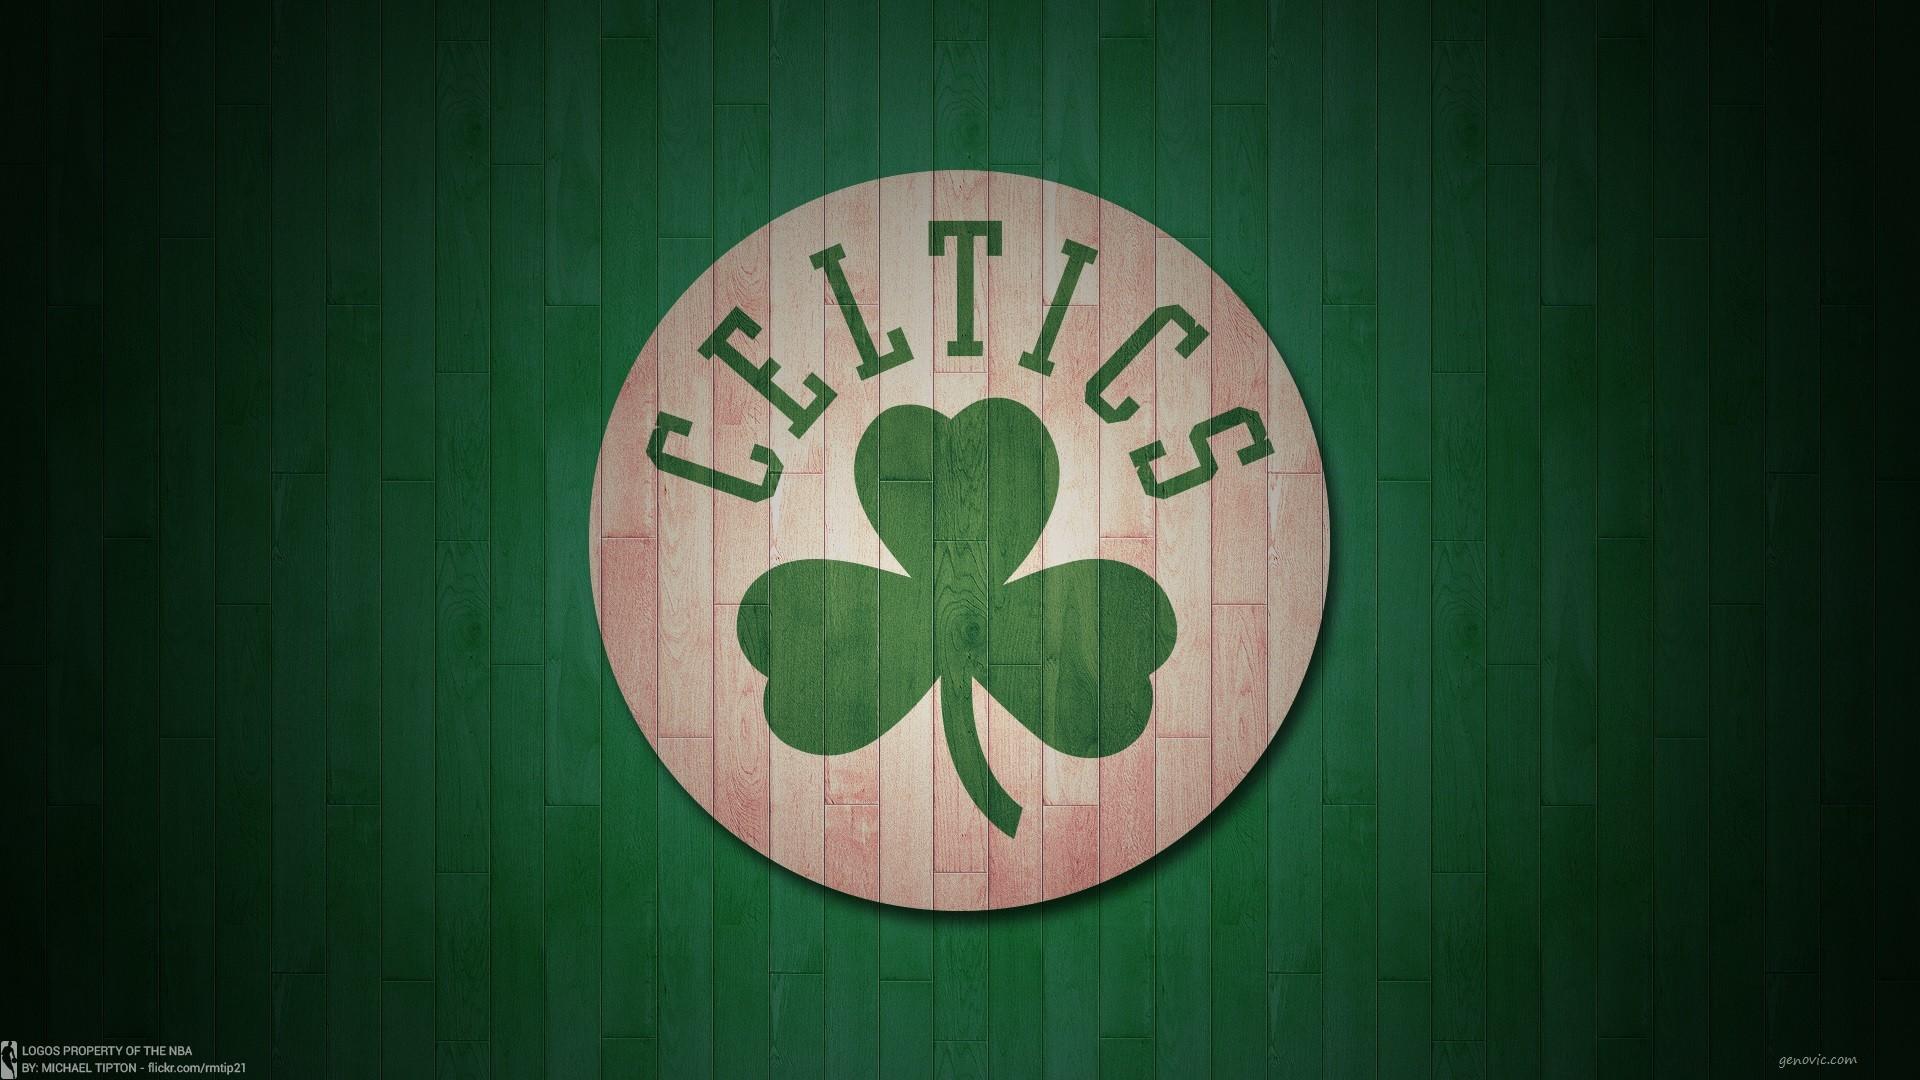 Boston Celtics Wallpapers Pack Download – FLGX DB | feelgrafix.com |  Pinterest | Wallpaper